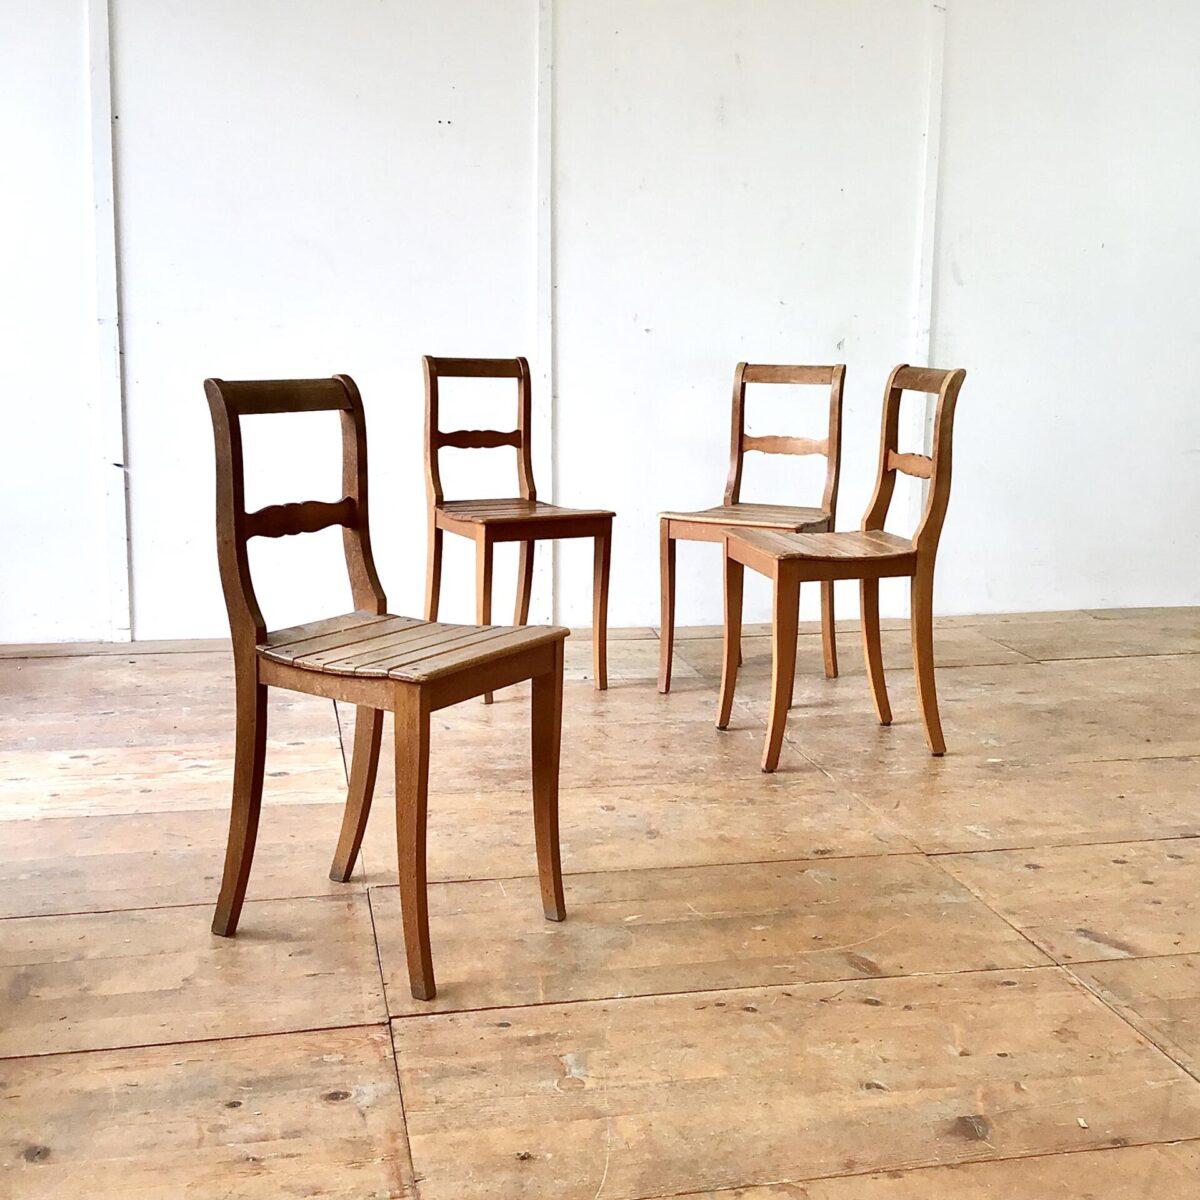 Deuxieme.shop bistrostühle Beizenstühle Holzstühle. 4er Set Esszimmer Stühle aus Buchenholz. Klassische Biedermeierstühle mit den geschwungenen Hinterbeinen und gerundeten Lehne.